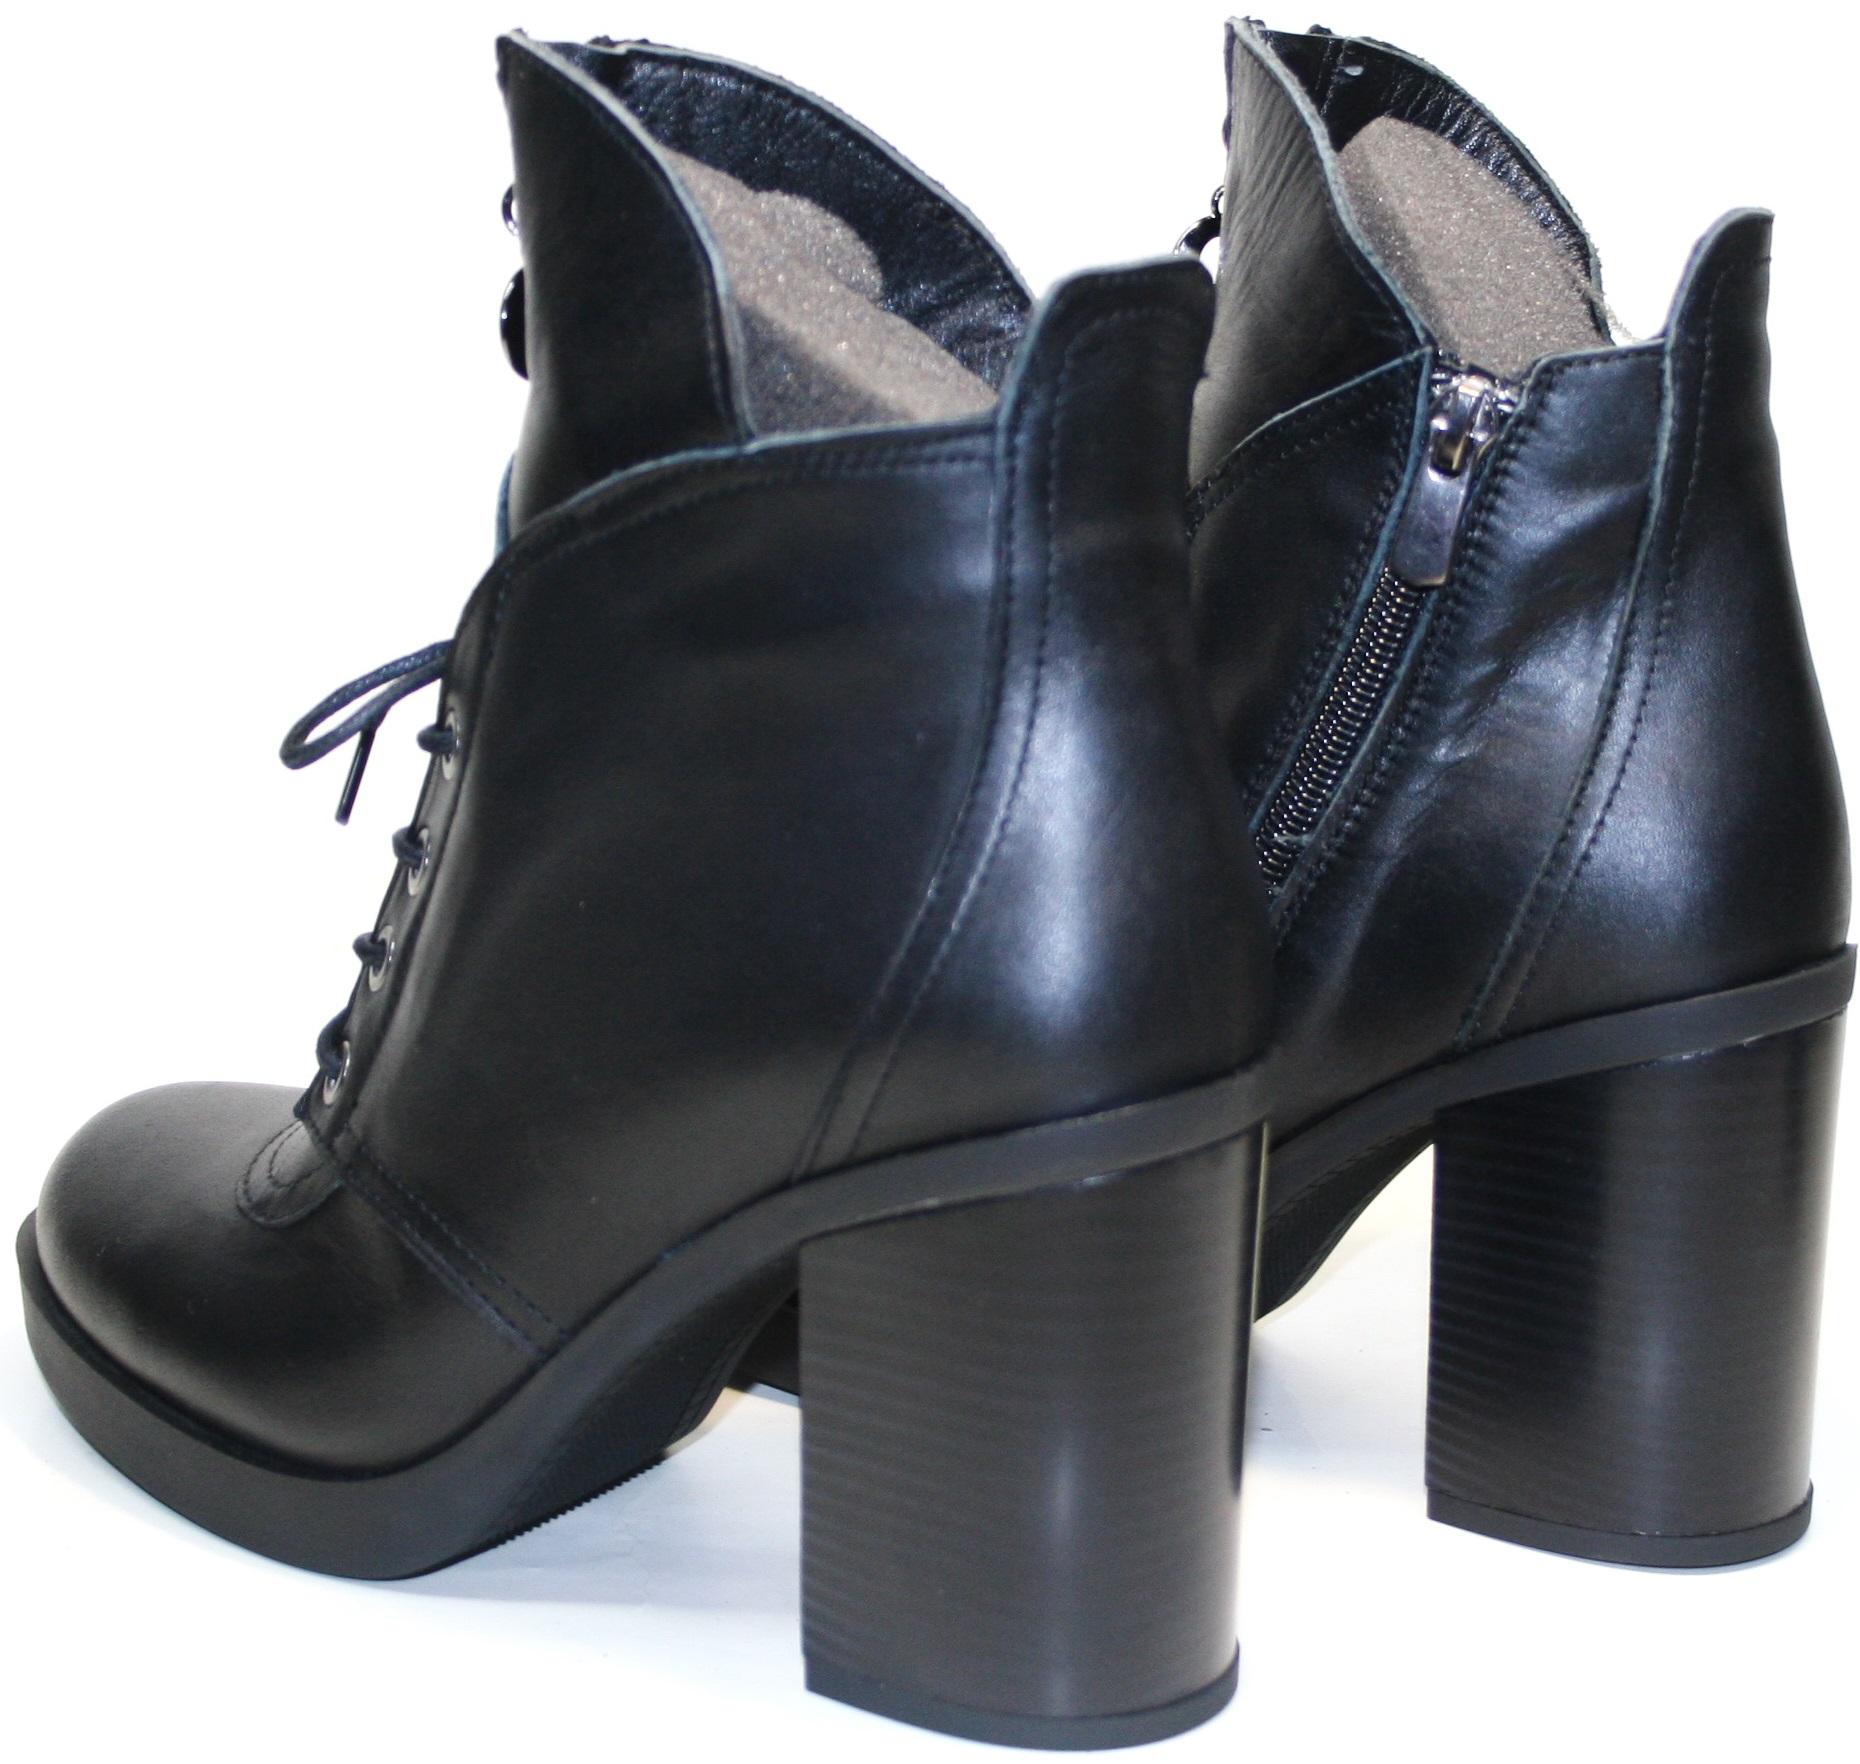 Стильно смотрятся как с брюками, так и с платьем. Черные ботильоны подойдут под осенний образ, предназначены для носки с первых дней осени до весенних оттепелей, кроме морозных дней.